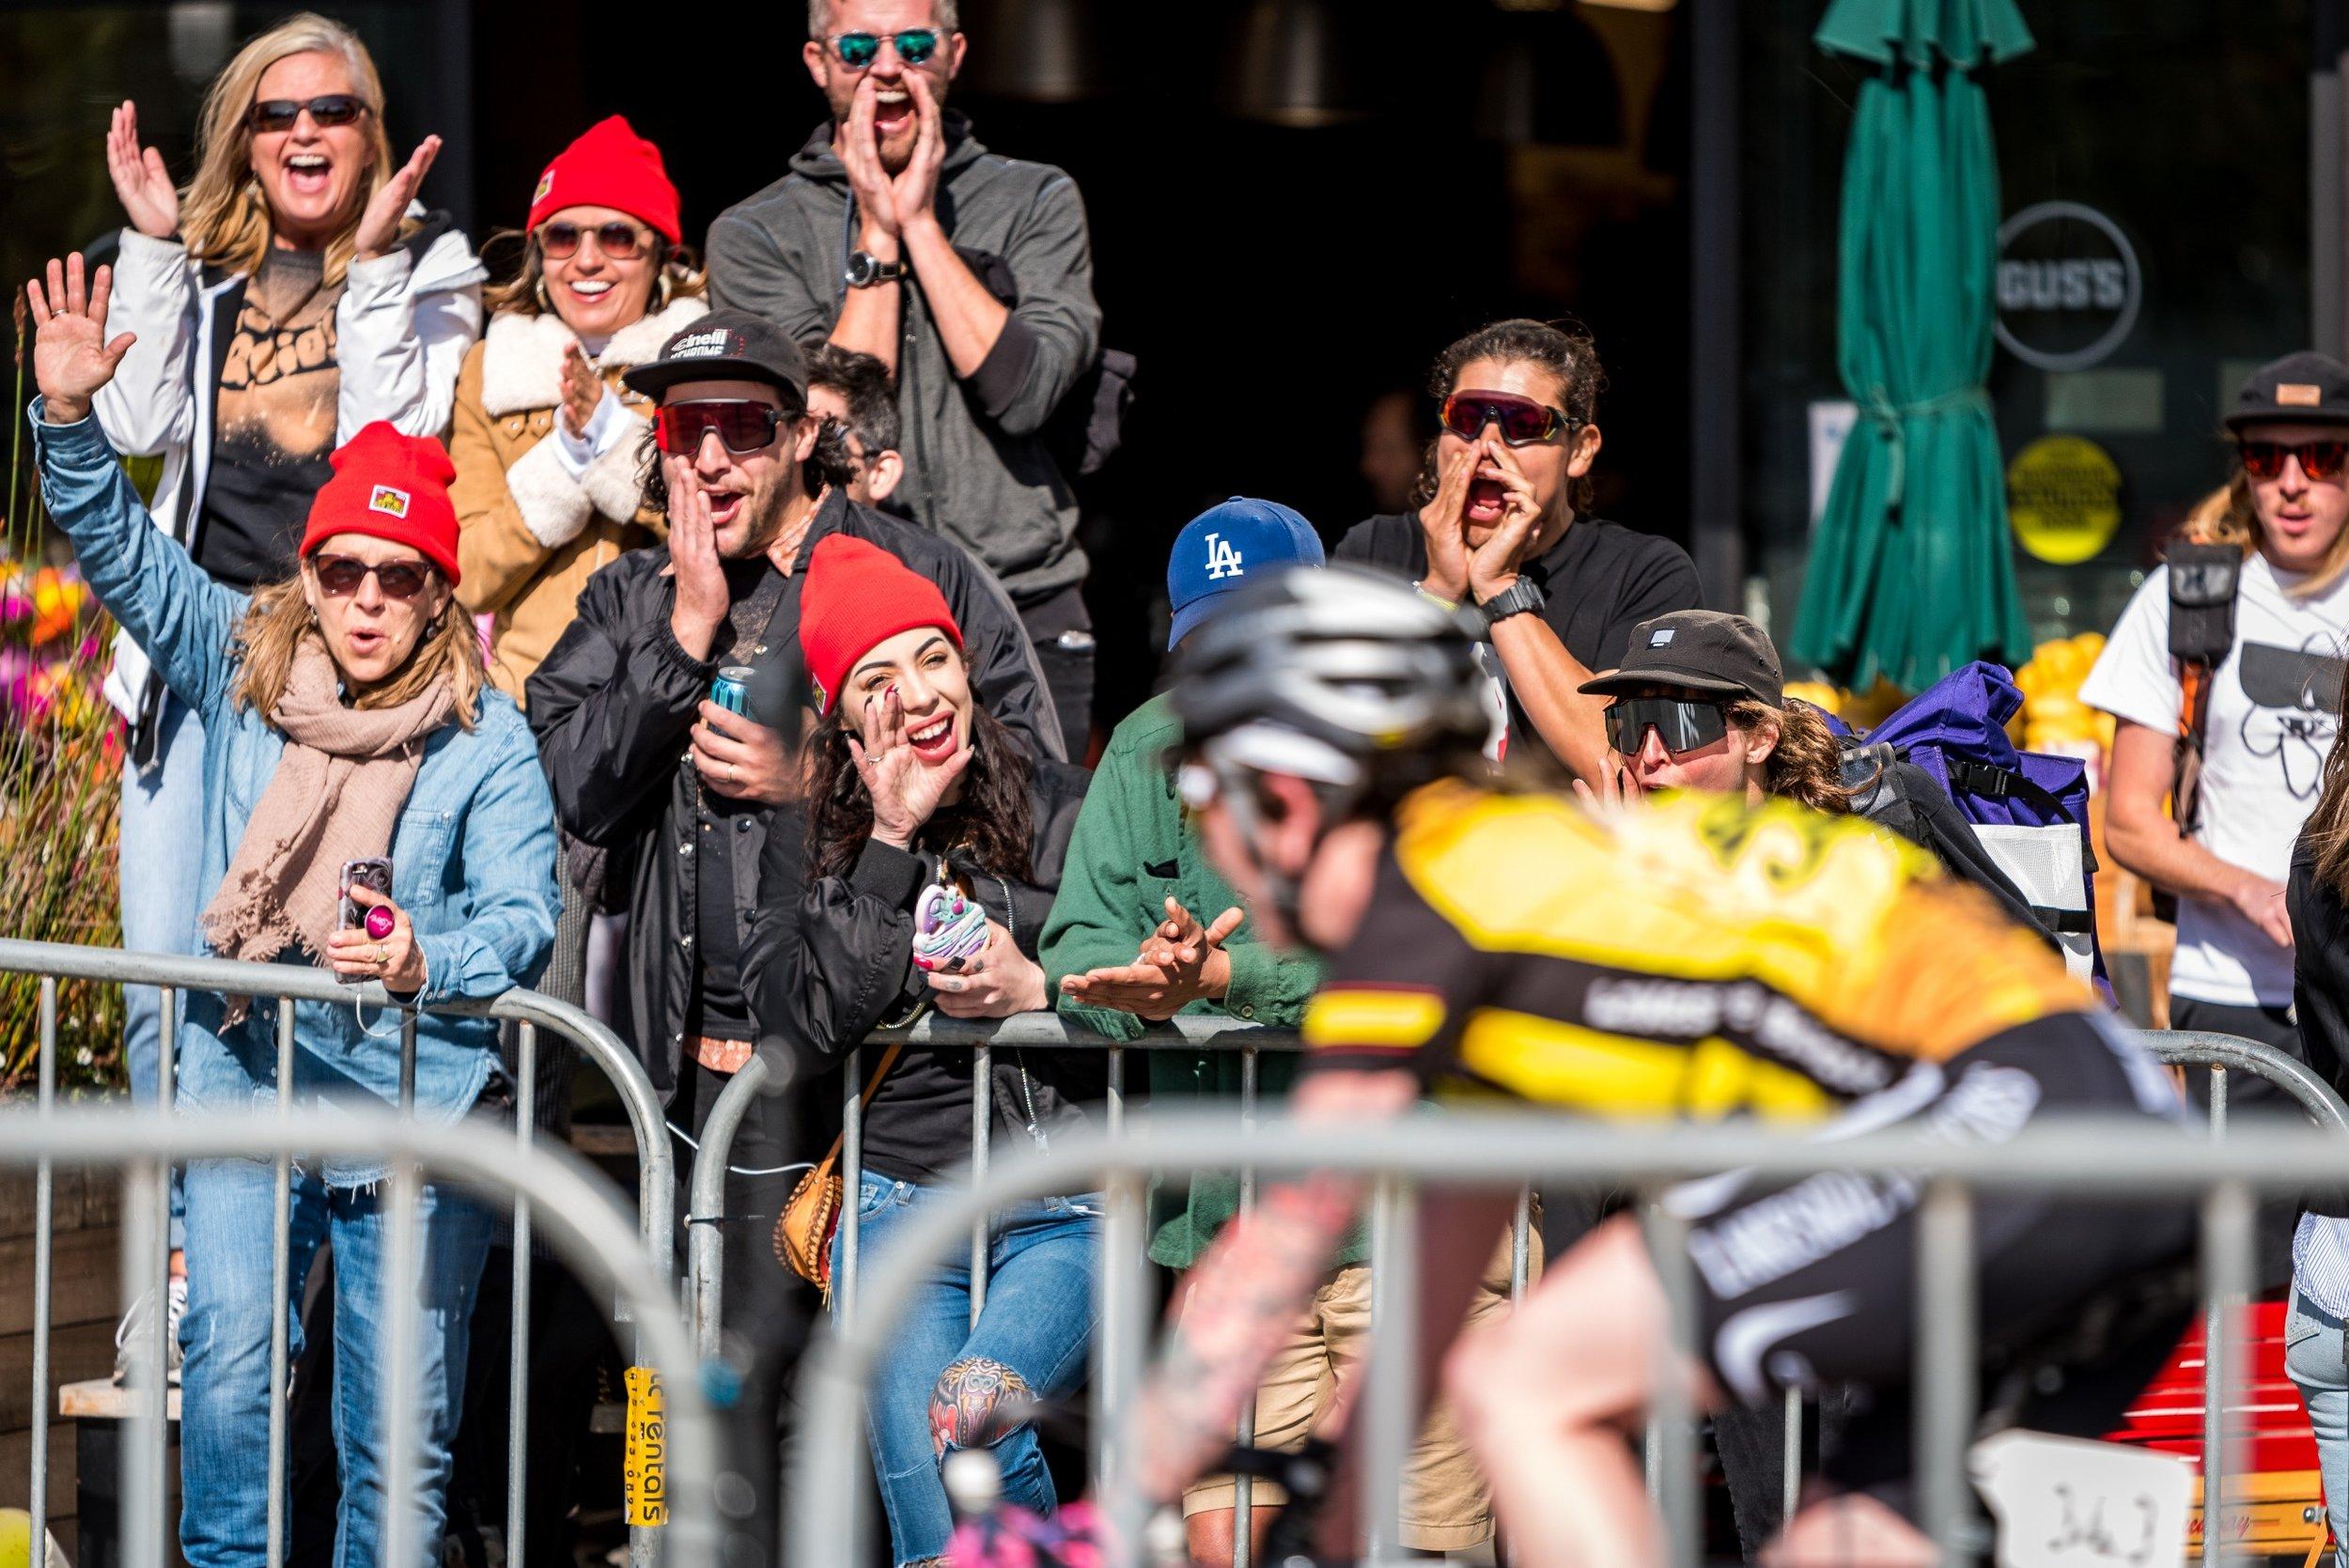 Sydney's cheer section. Photo  credit: Jeff Vander Stucken